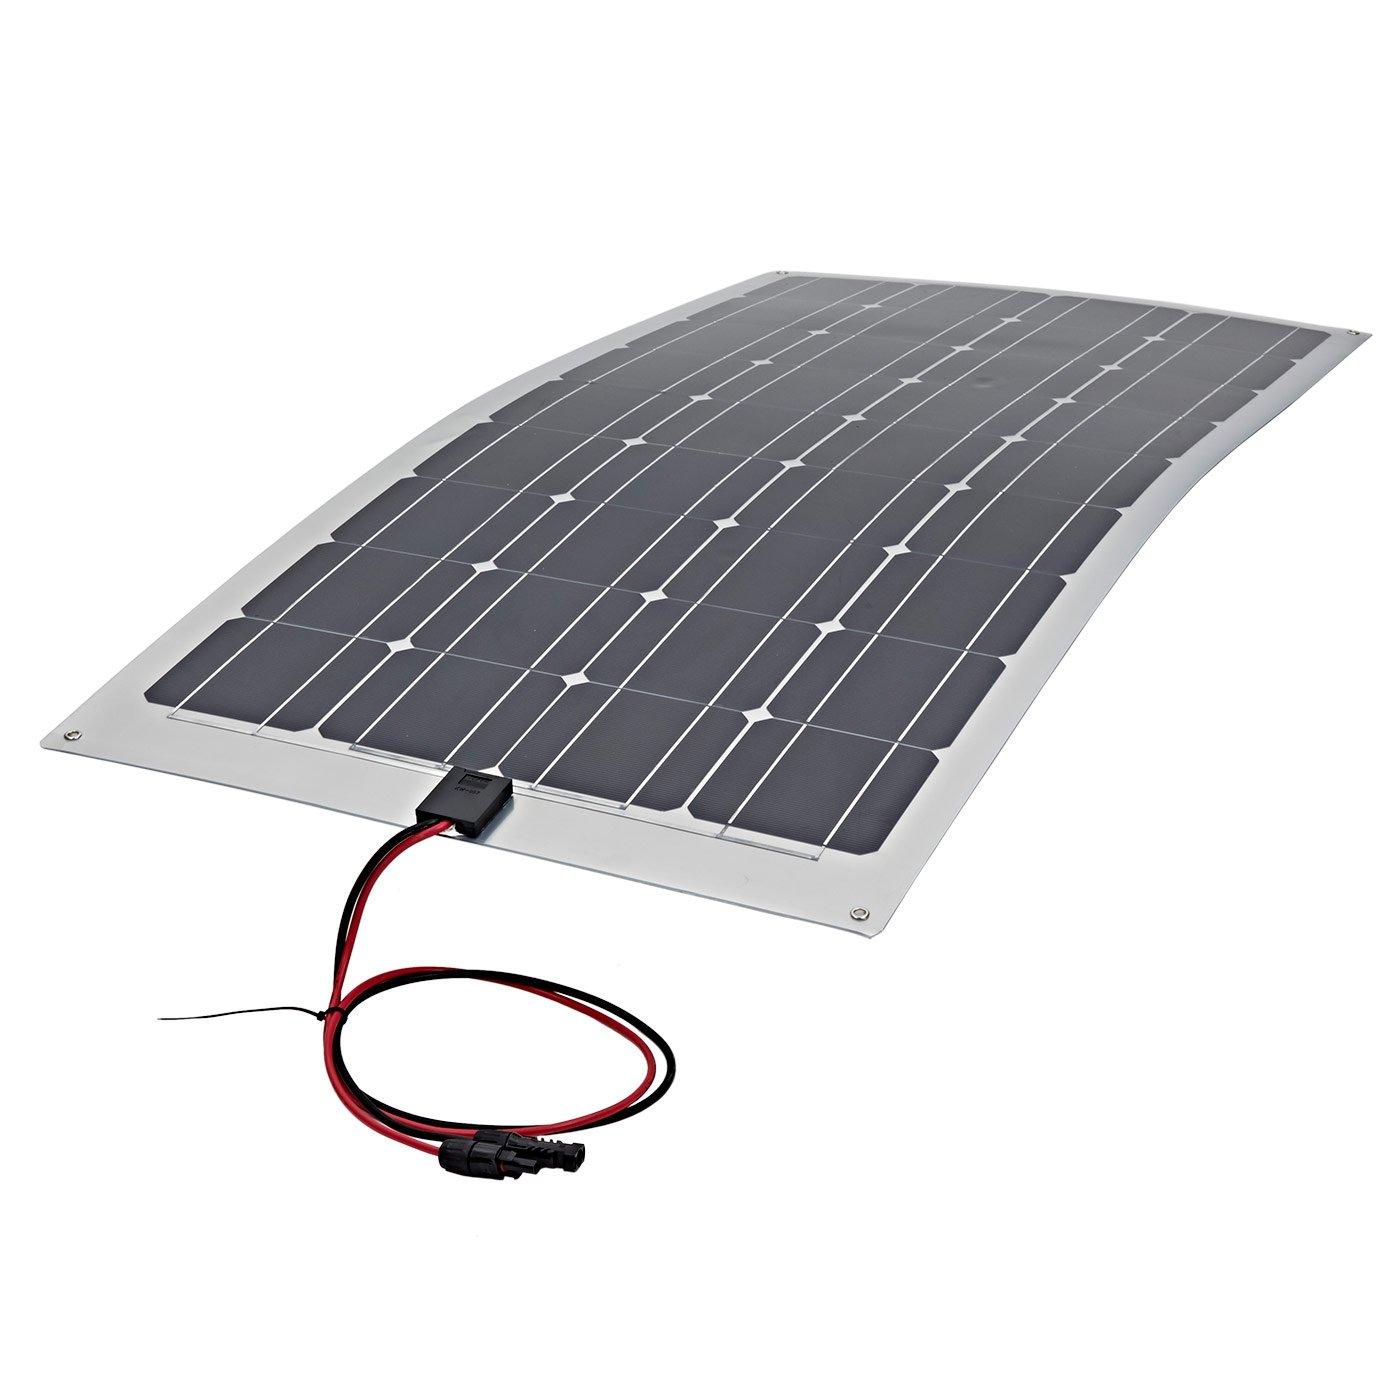 100W Flexibles Photovoltaik Solarpanel  100 Watt Solarmodul  Monokristallin Silizium Solarzellen  Ideal zum Aufladen von 12V Batterien  Optimal für Unebene Oberflächen  Kompakte Größe & Maximale Leistung  Umweltfreundlicher Solarstrom  Überprüfung und Beschreibung